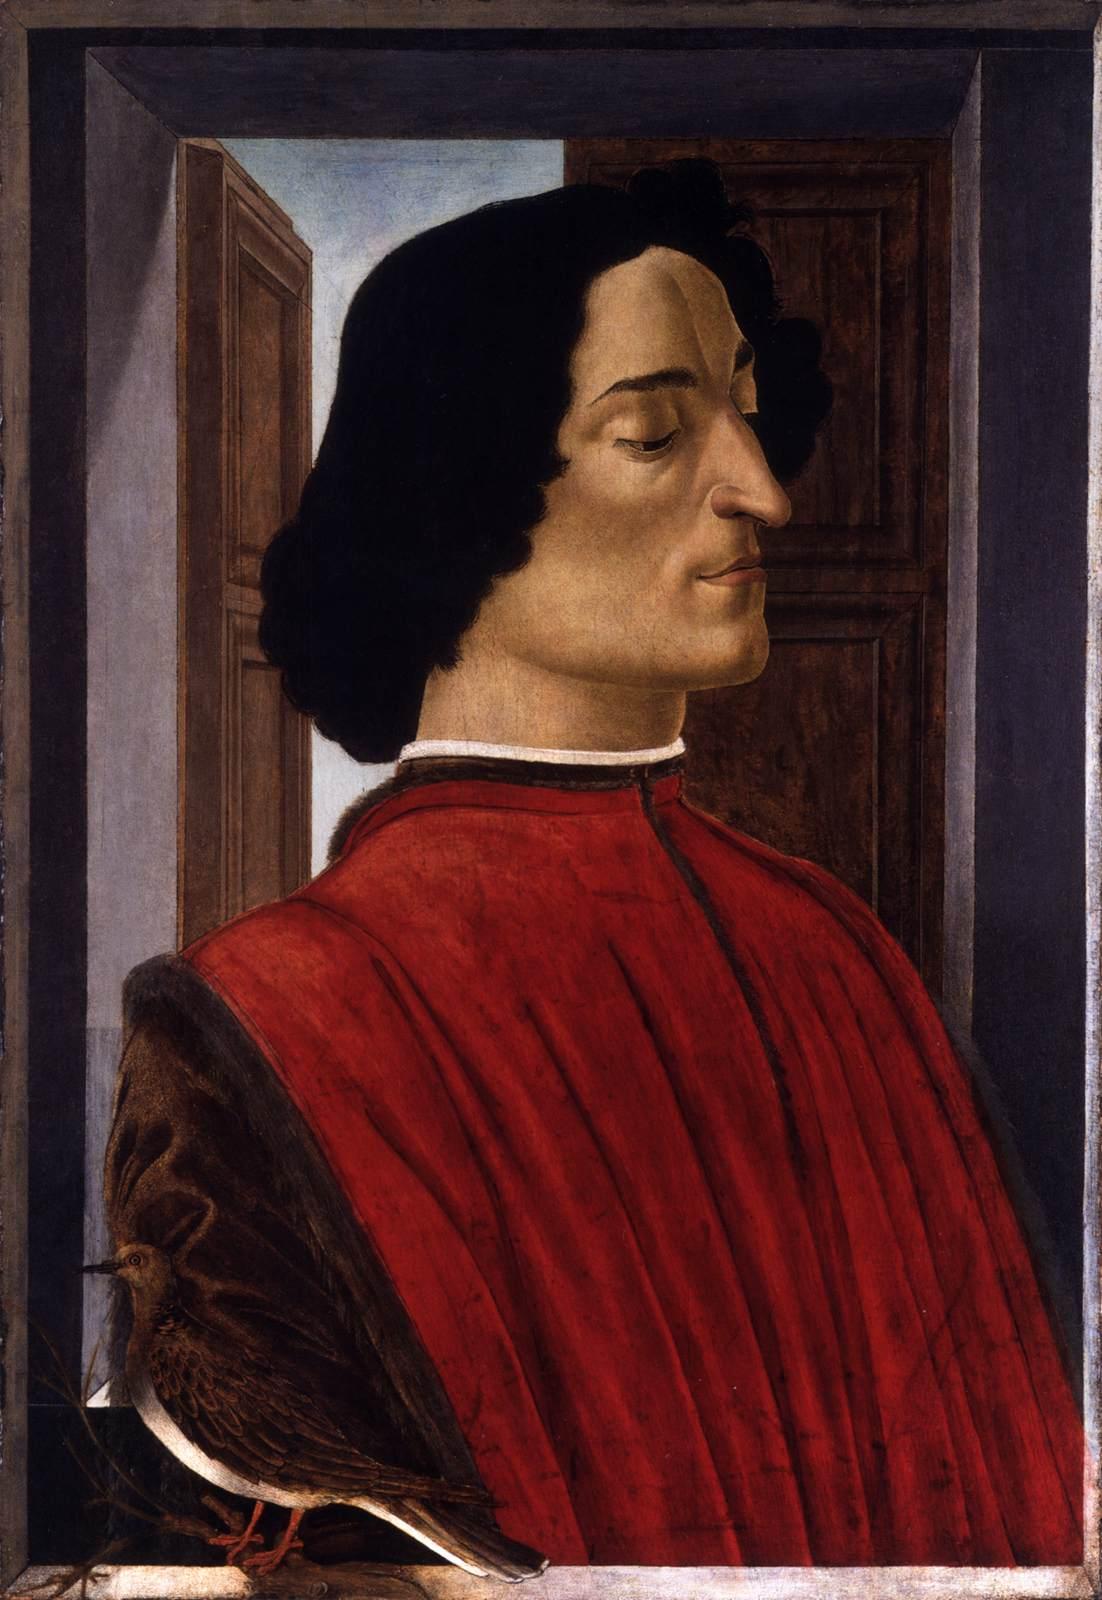 Sandro Botticelli, Ritratto di Giuliano de' Medici, 1478-1480 circa